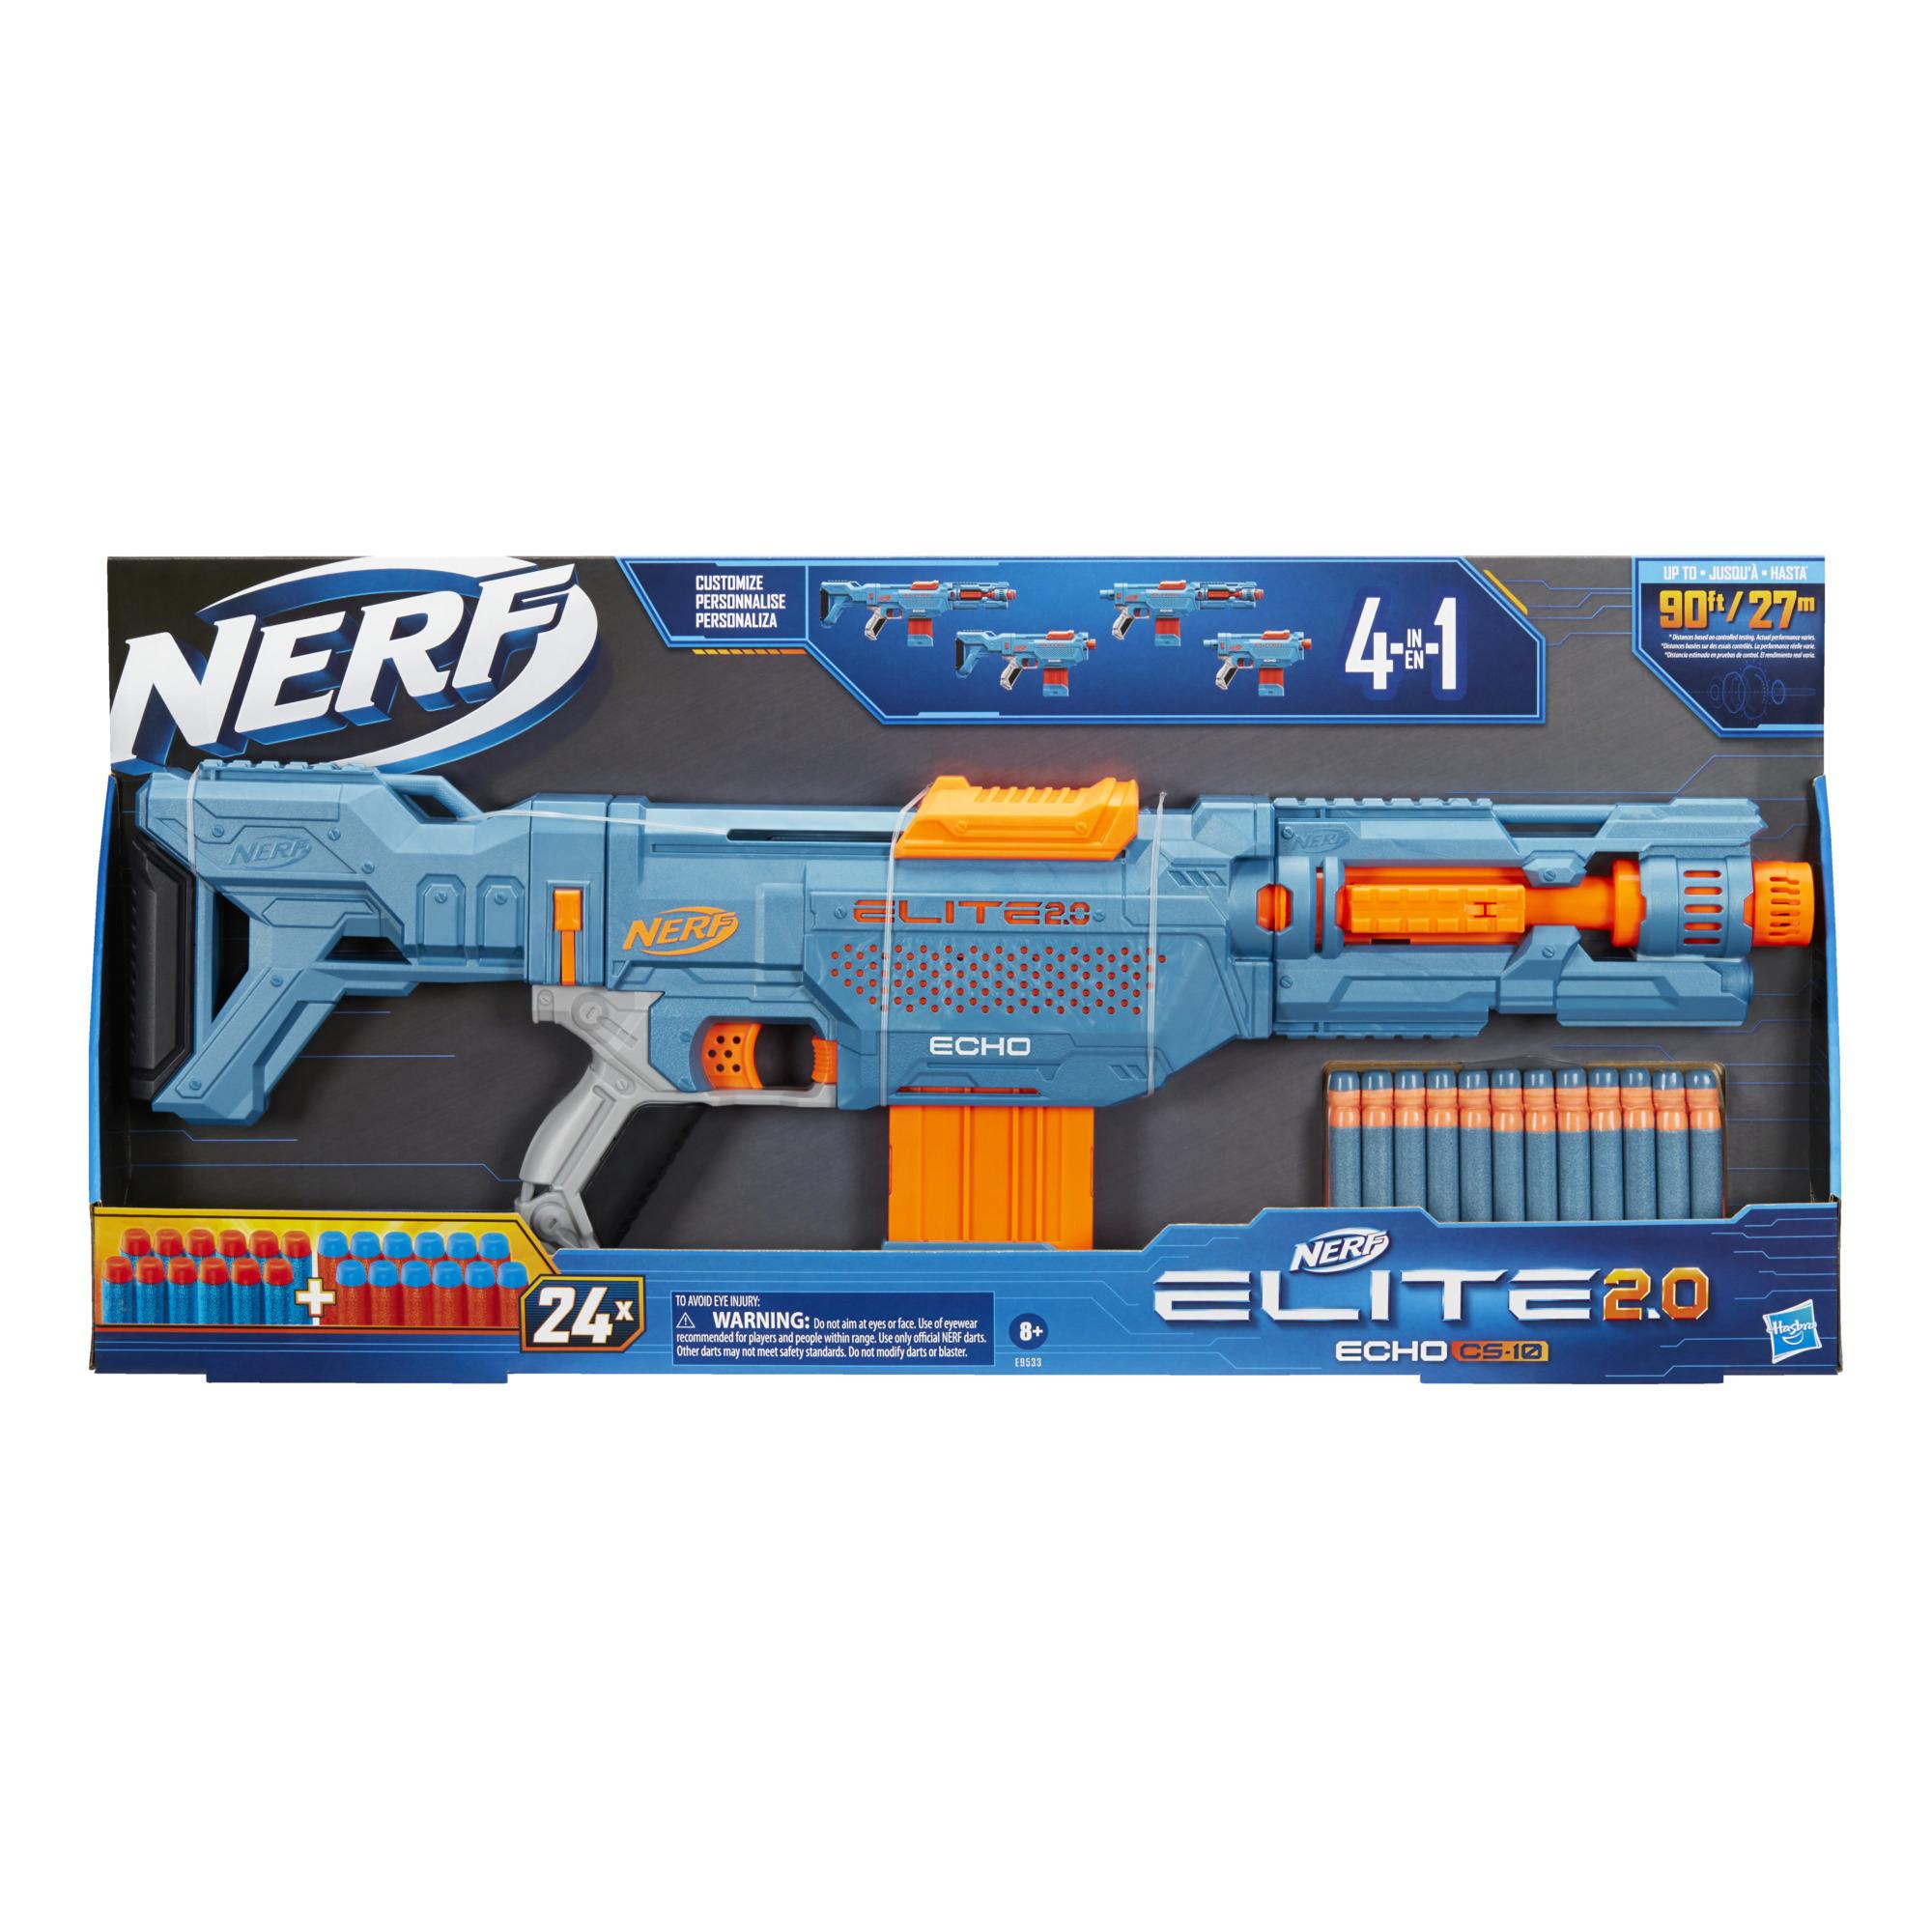 Wyrzutnia Nerf Elite 2.0 Echo CS-10, 24 strzałki Nerf, 10-strzałkowy magazynek, zdejmowana kolba, przedłużenie lufy, 4 szyny na akcesoria